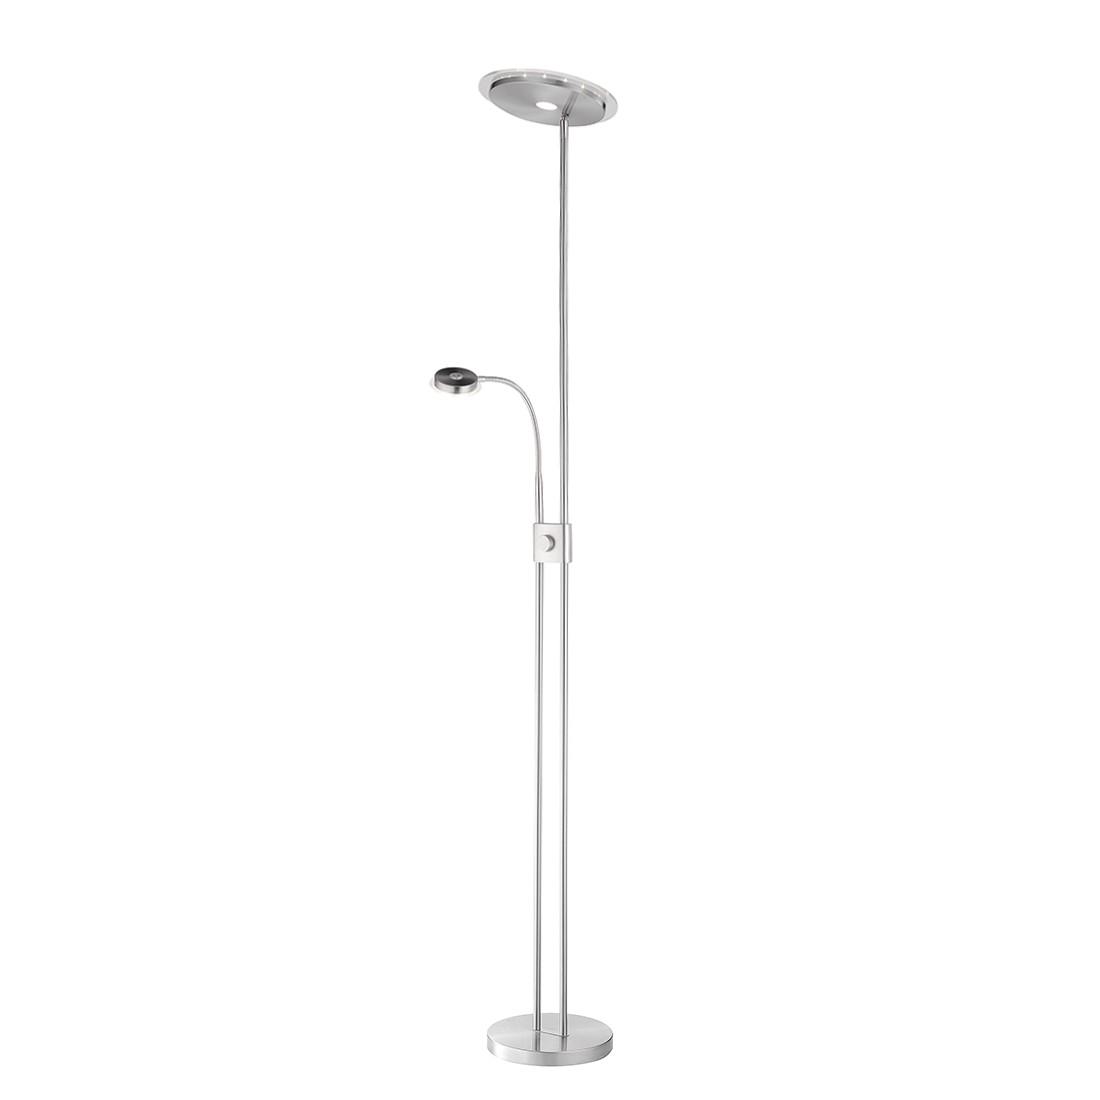 LED-Stehleuchte Adrian by Leuchten Direkt ● Eisen/Stahl ● Silber- Leuchten Direkt A+